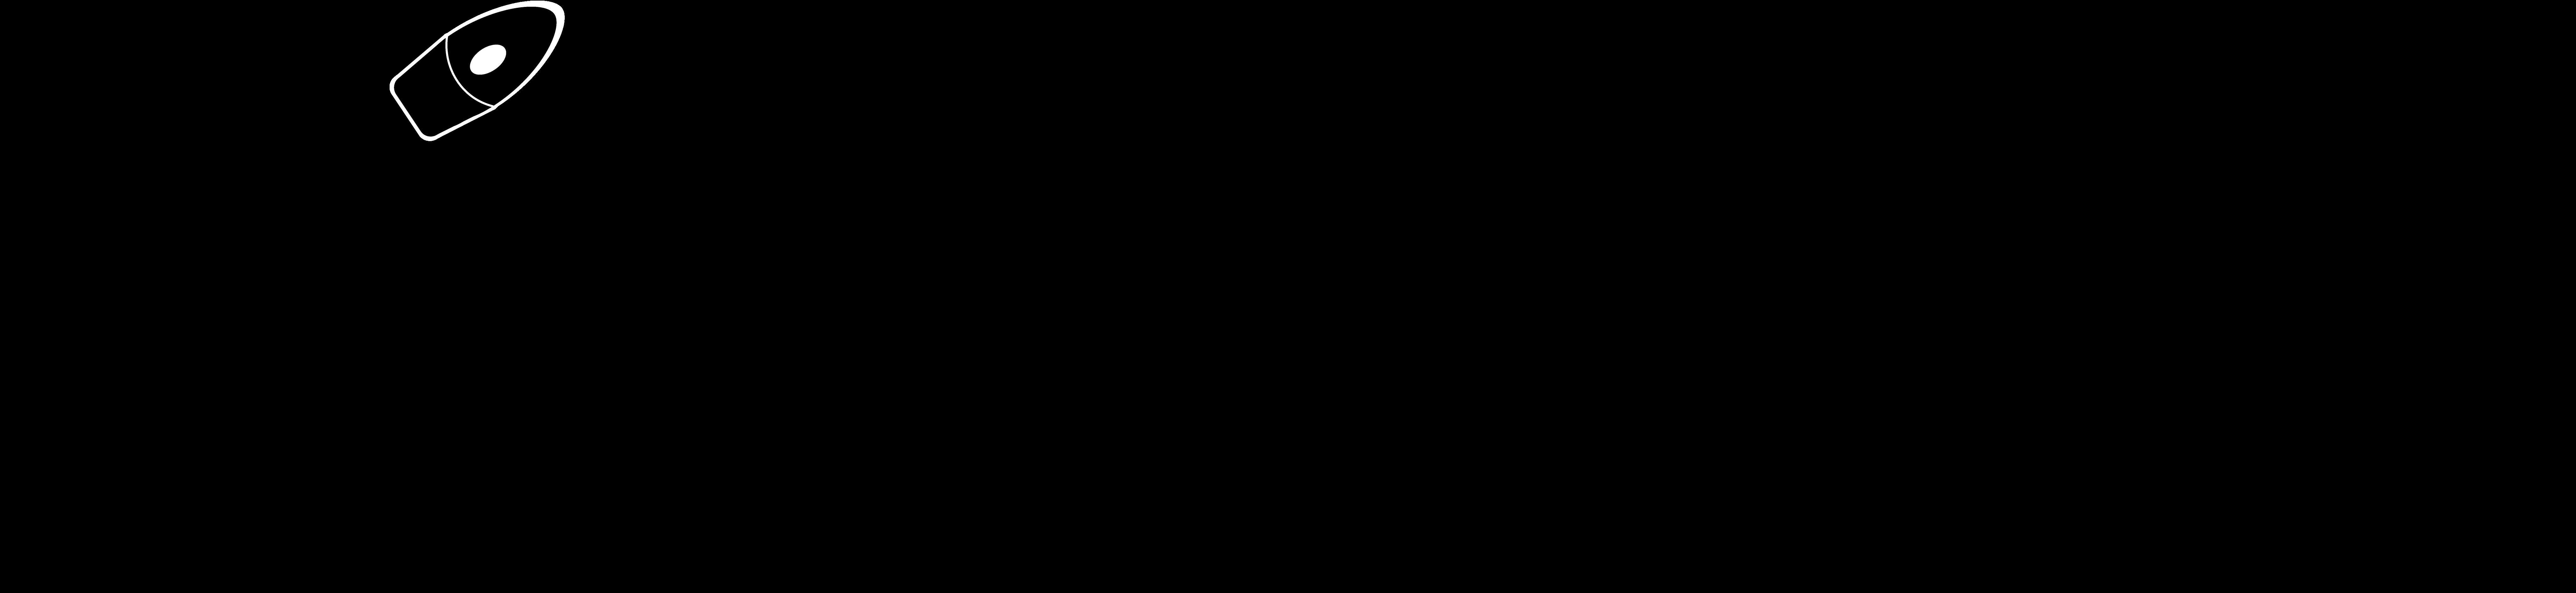 LOGO-ROCKTOTHECOM_Horizontal